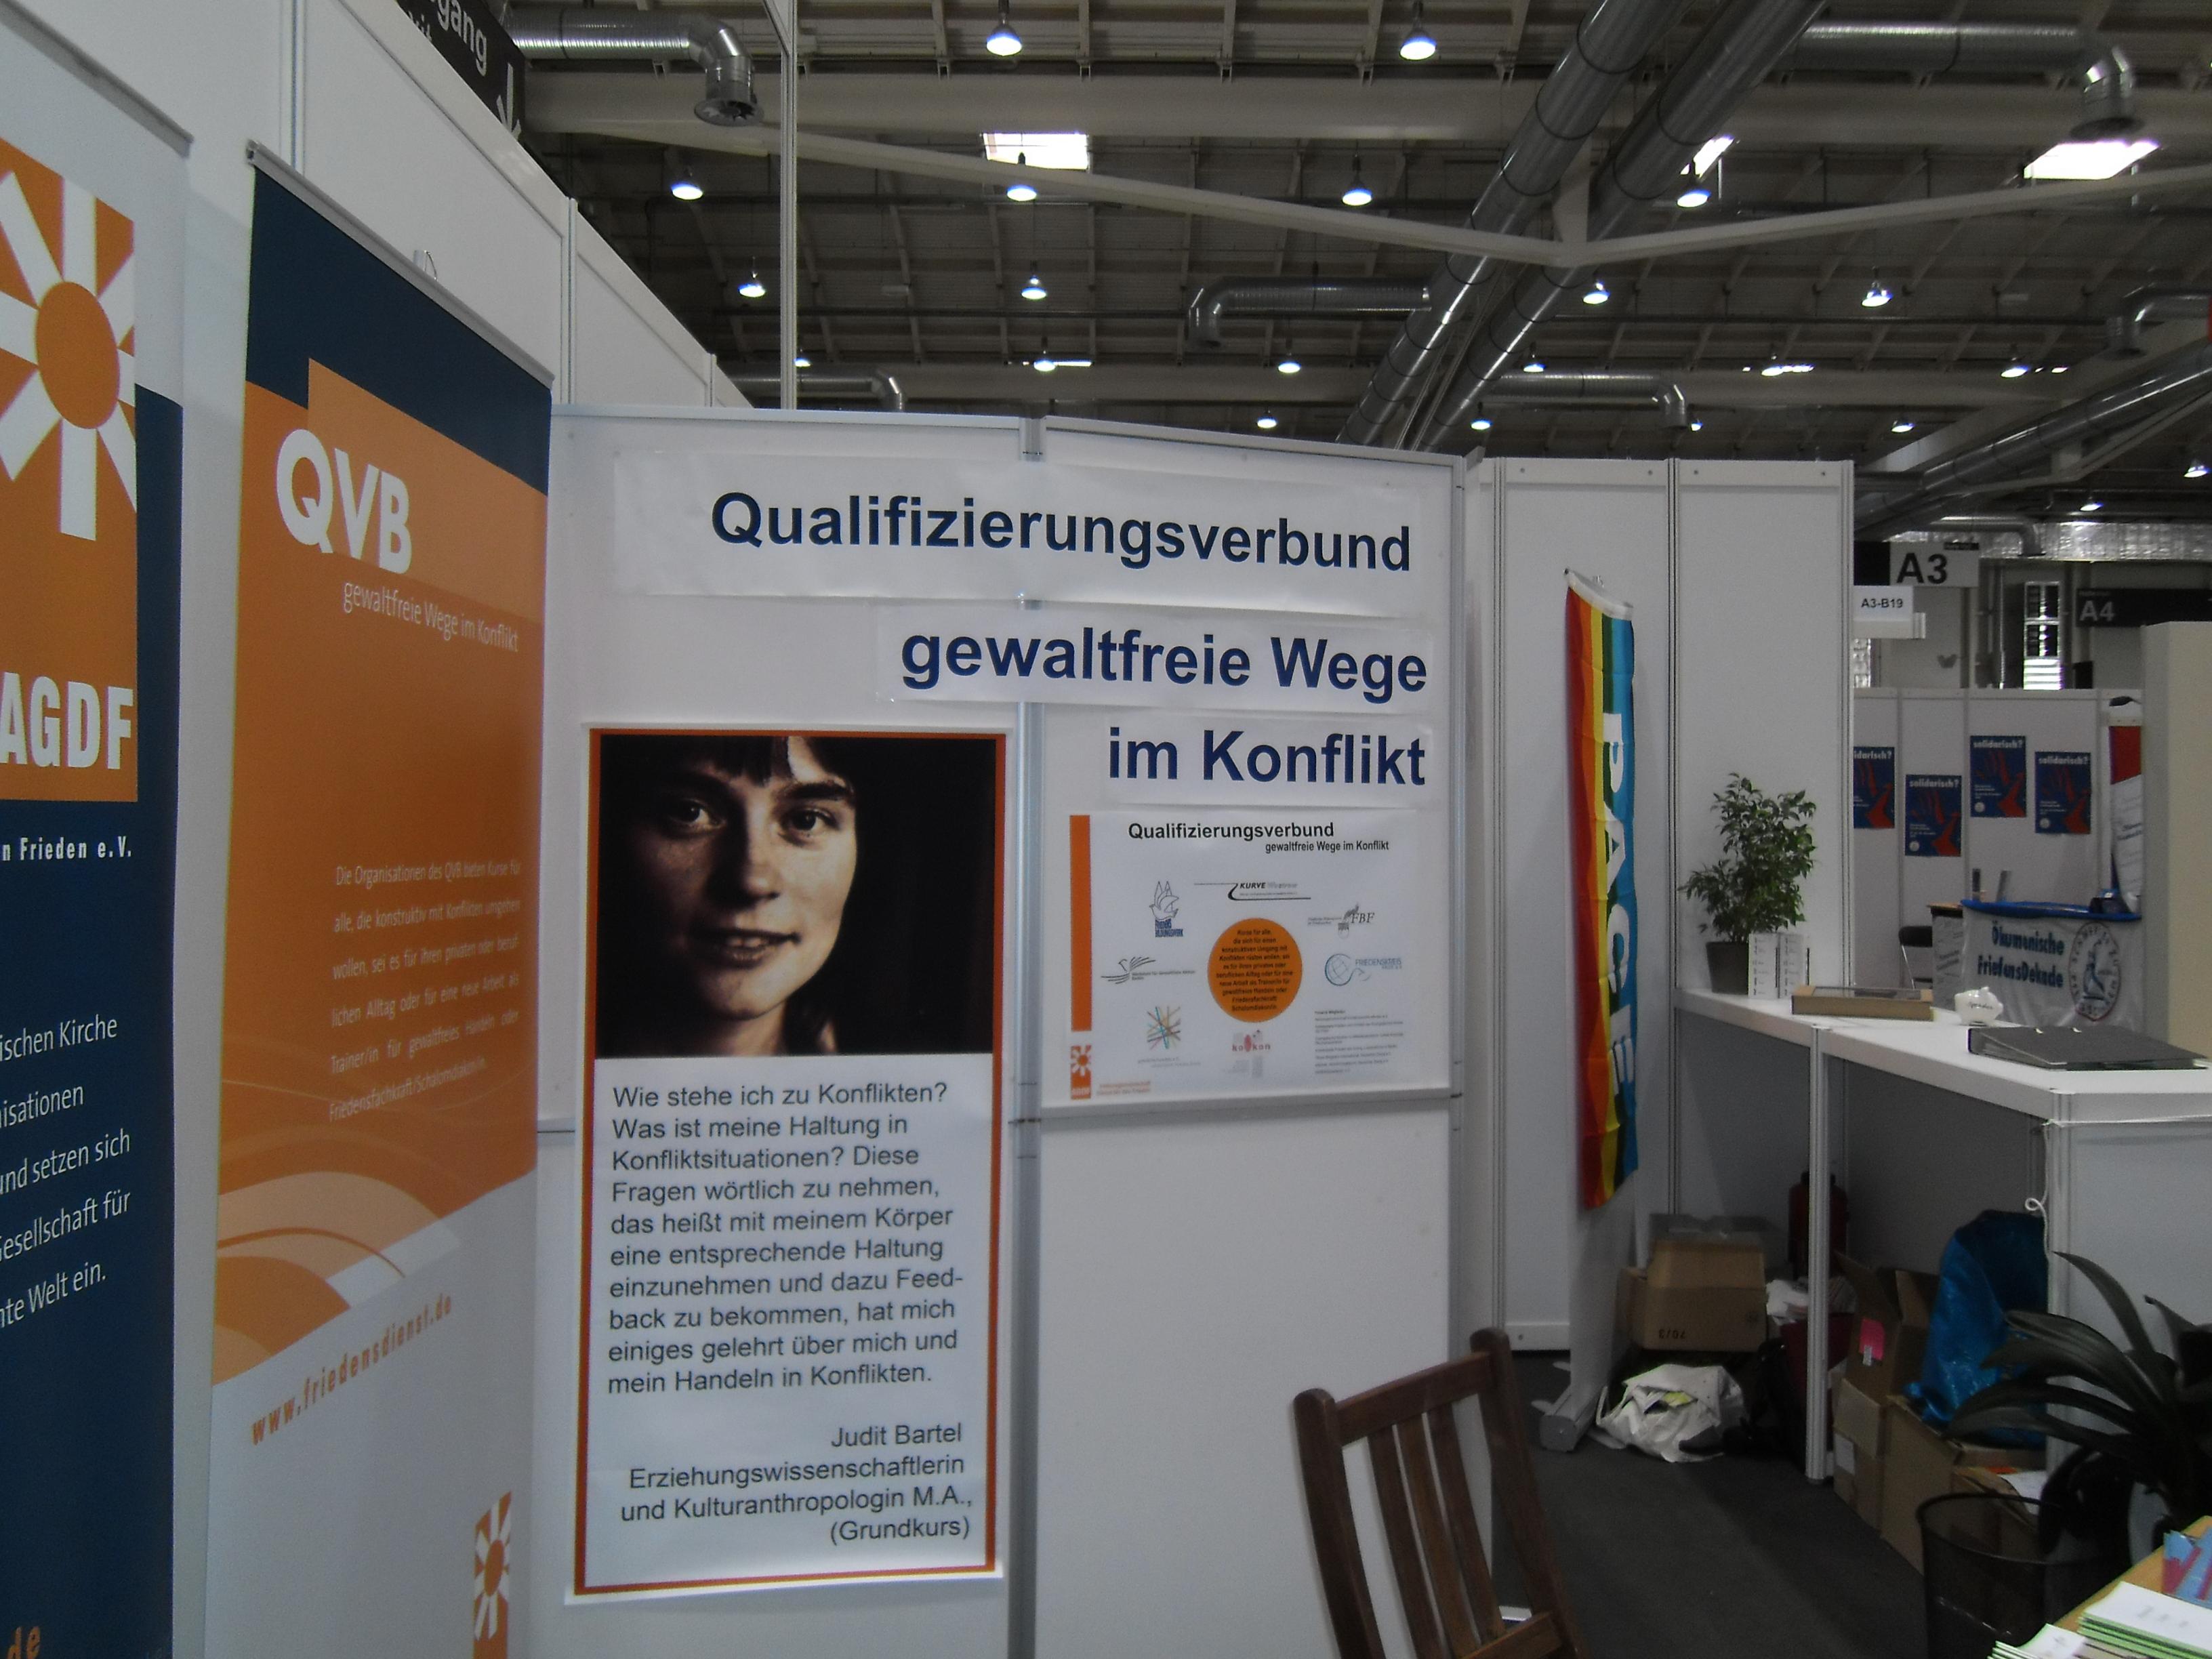 Stand des Qualifizierungsbundes (QVB)